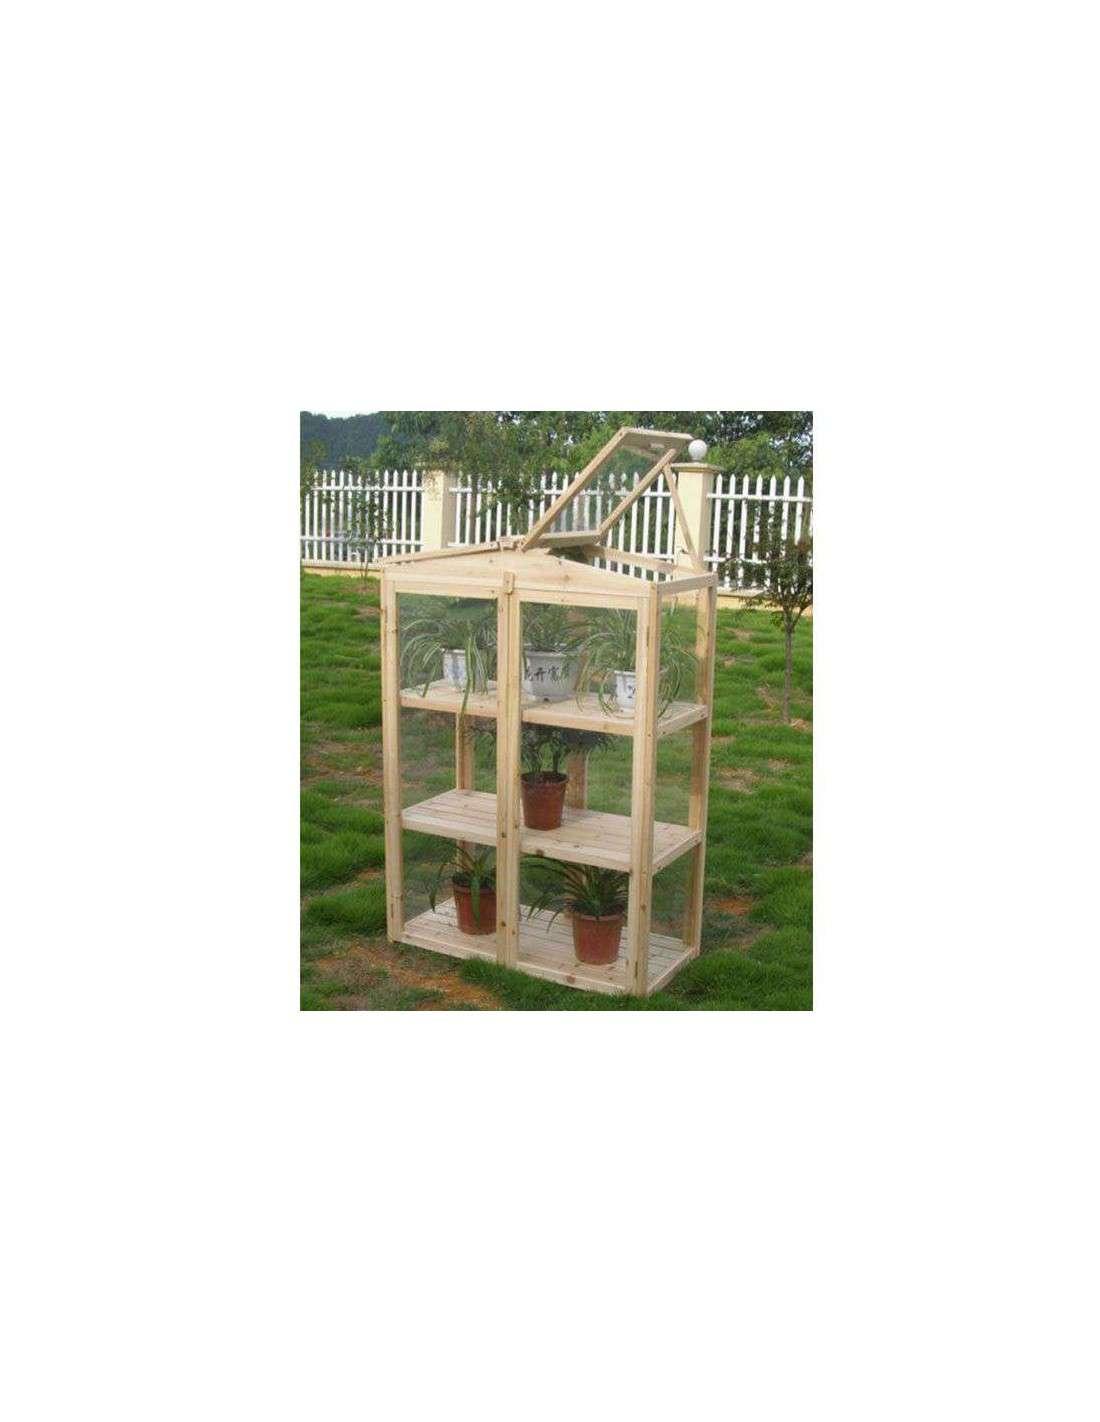 Invernadero madera para huerto y jard n de 120x48x150cm for Invernaderos de jardin